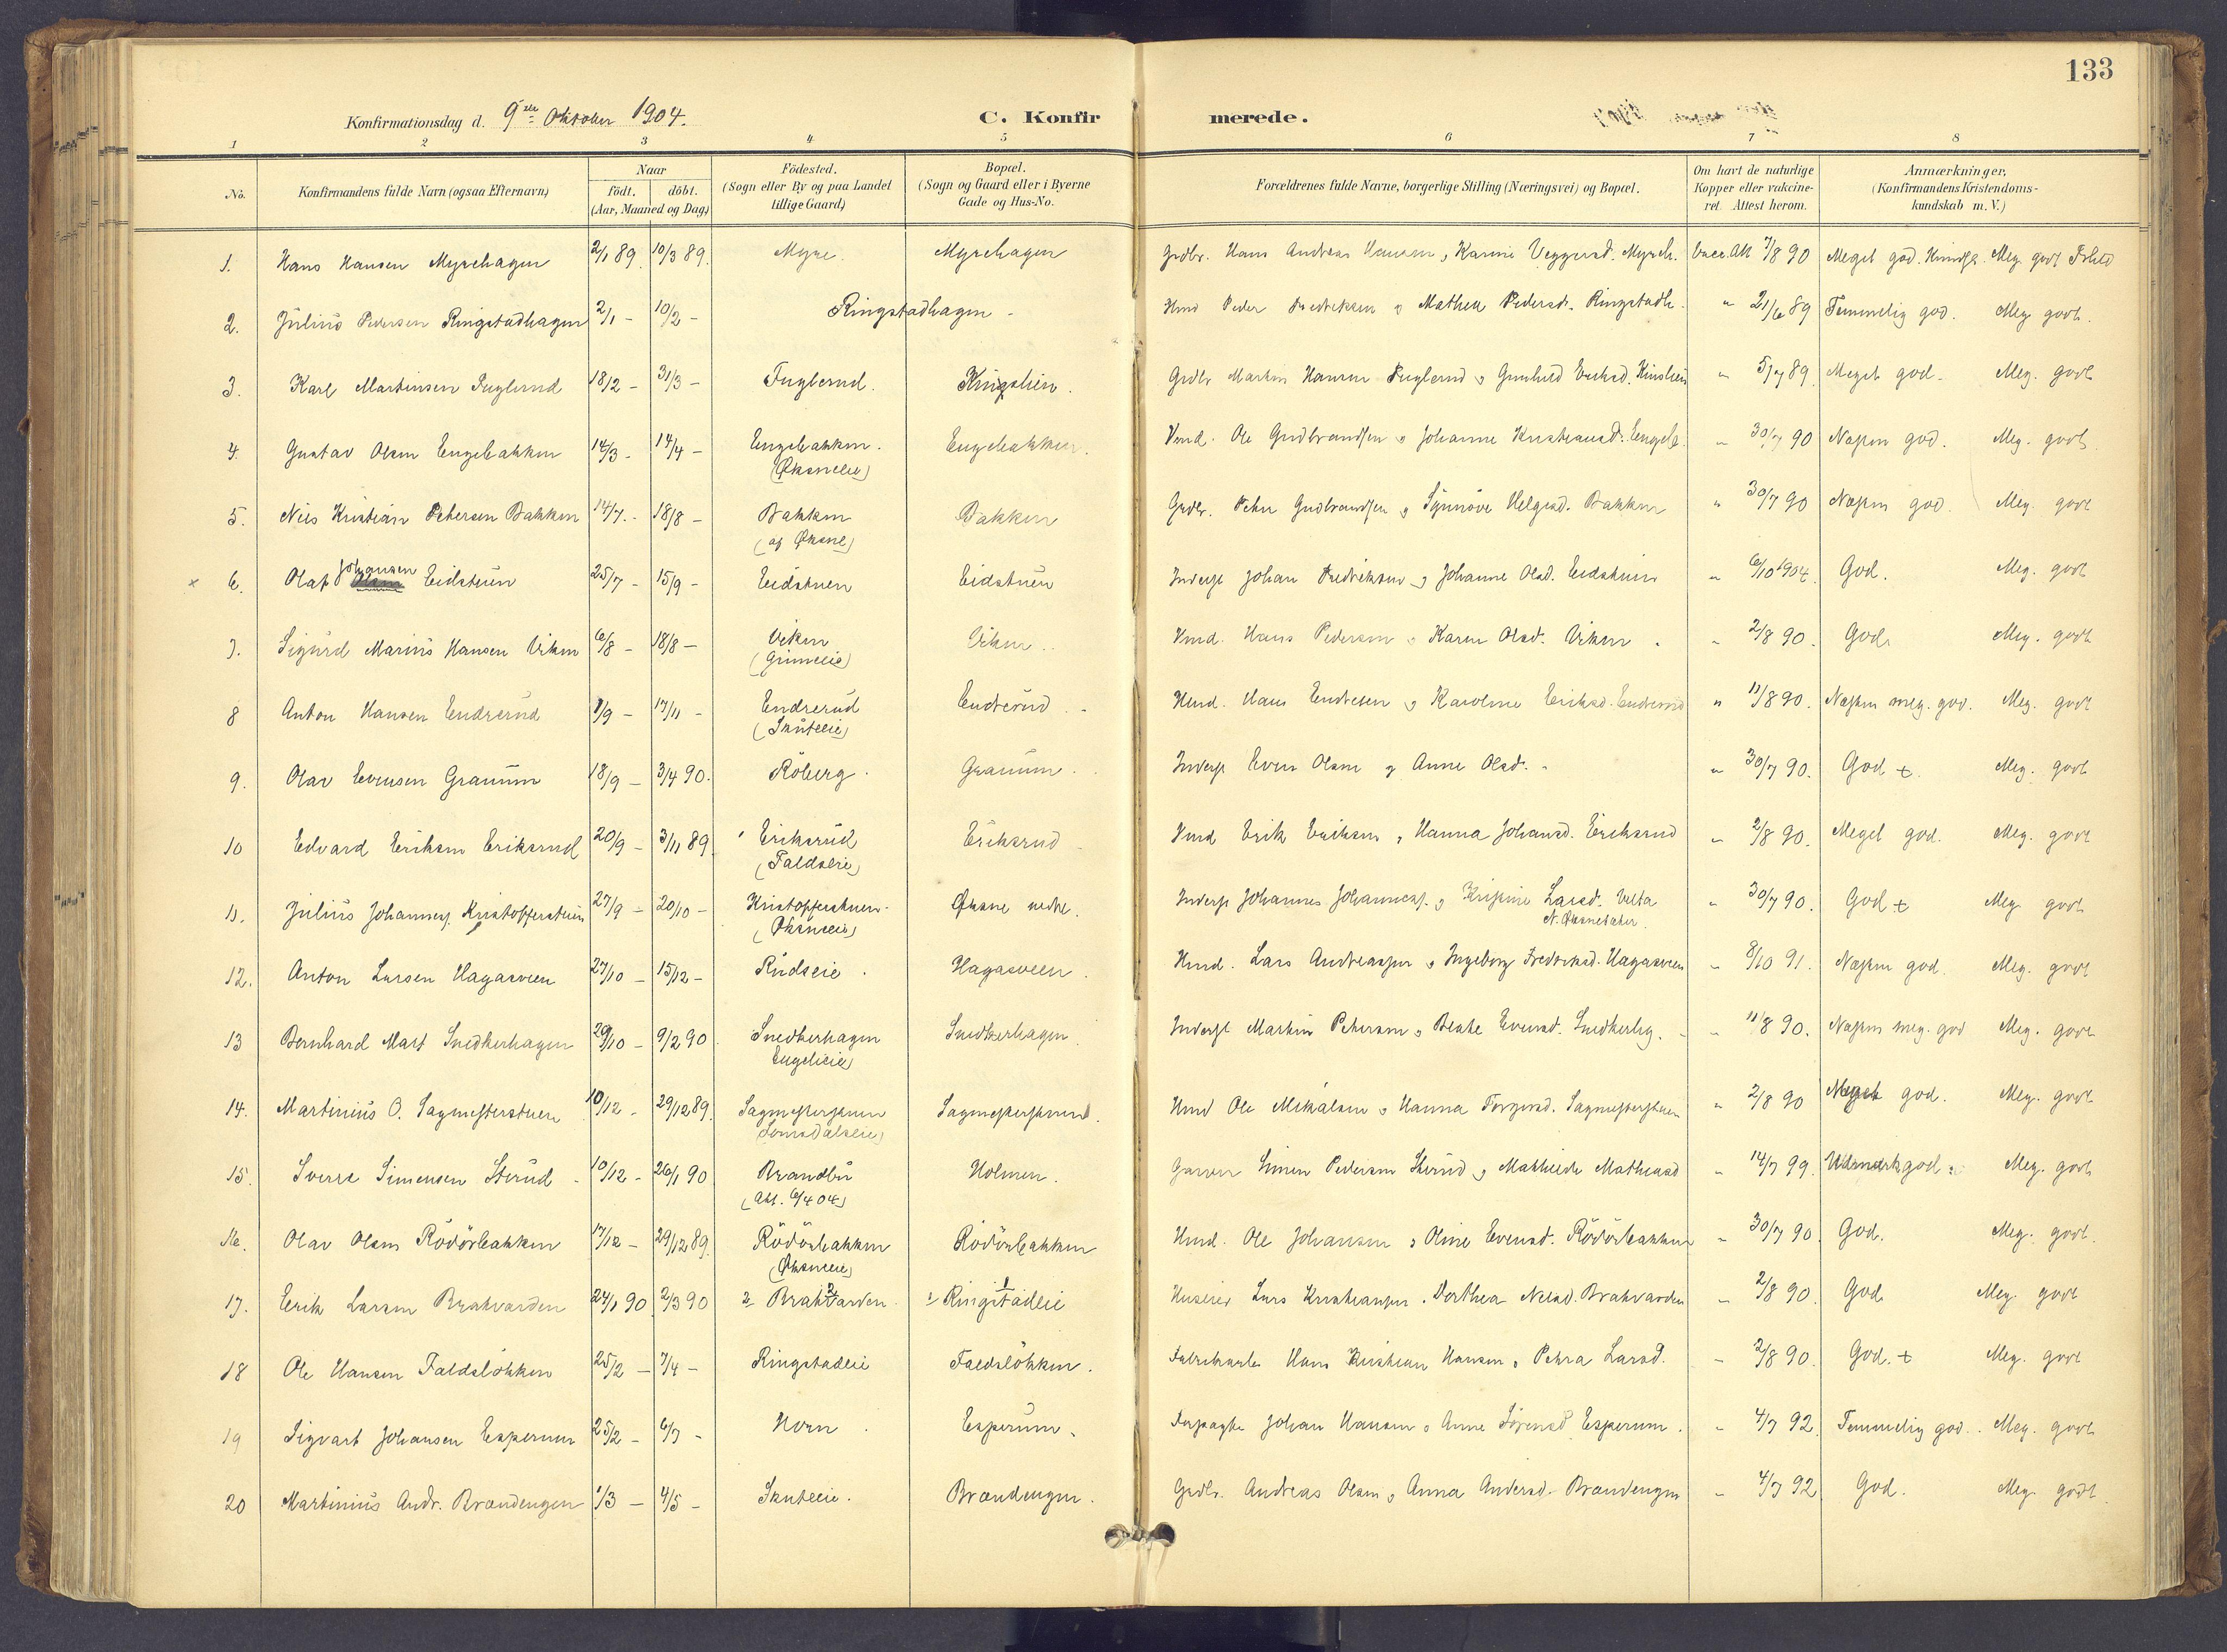 SAH, Søndre Land prestekontor, K/L0006: Ministerialbok nr. 6, 1895-1904, s. 133